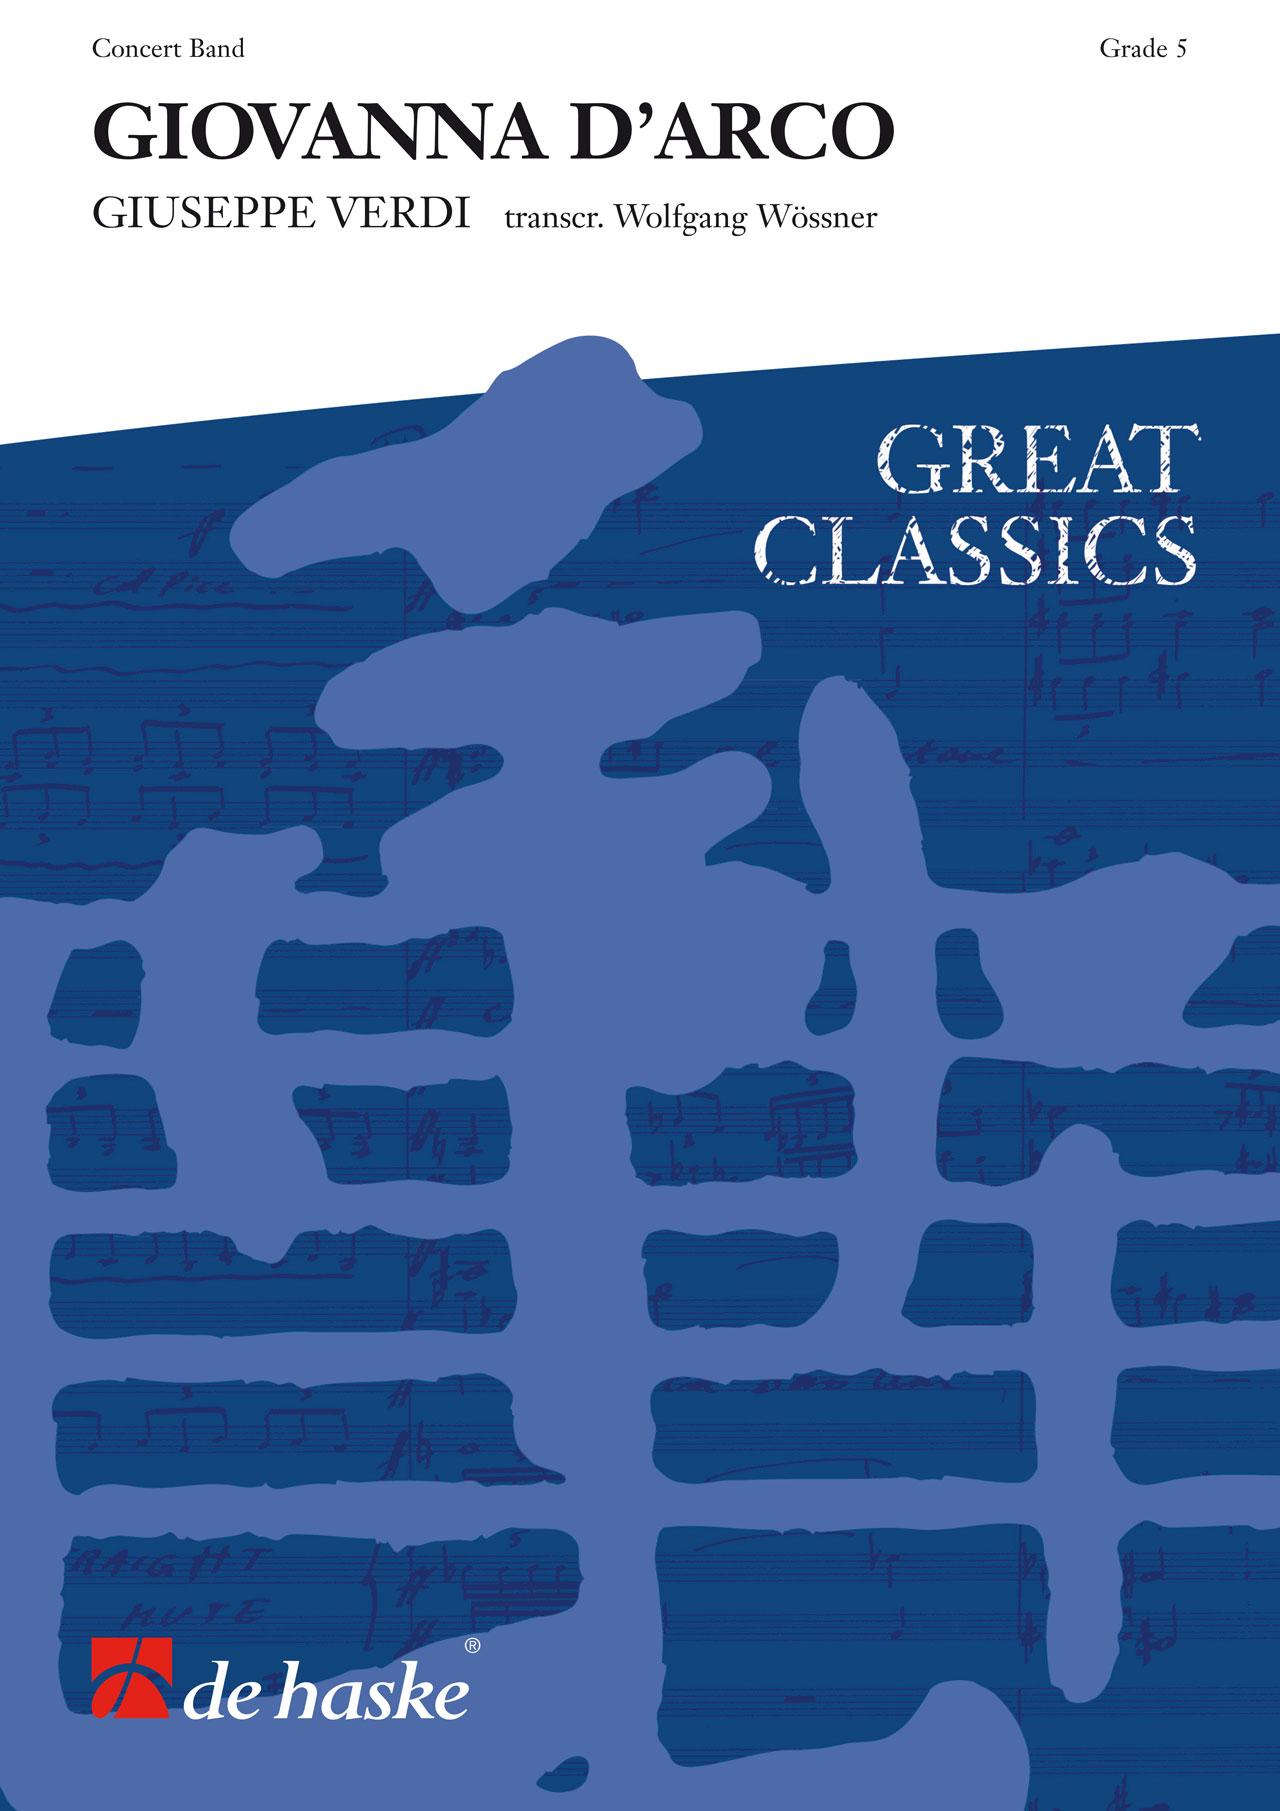 Giuseppe Verdi: Giovanna d' Arco: Concert Band: Score